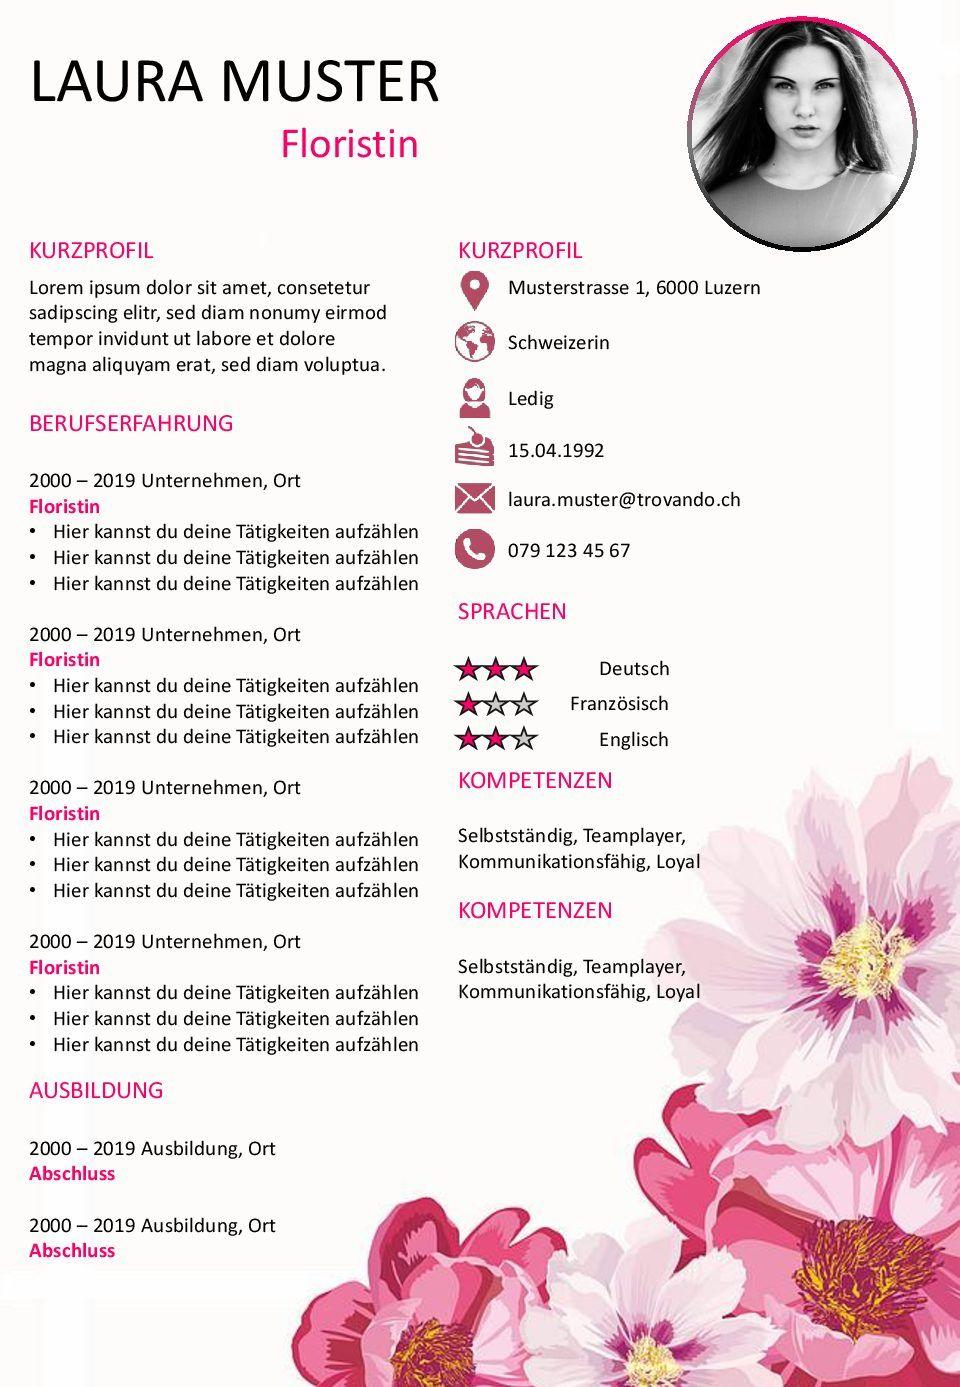 Die Floristin Powerpoint Lebenslauf Vorlage Lebenslauf Power Point Lebenslaufvorlage